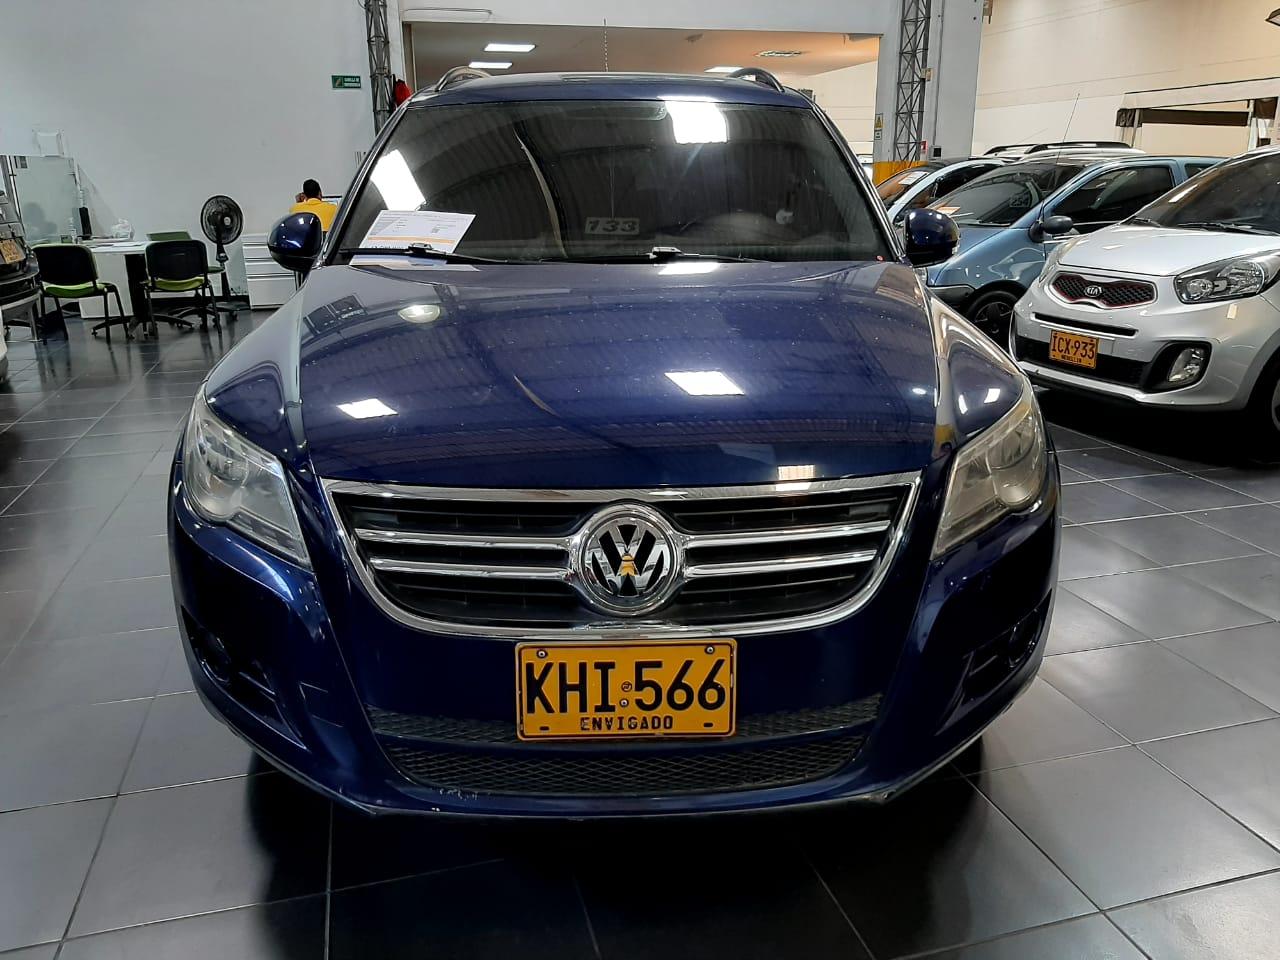 Vokswagen-Tiguan-01410319-1